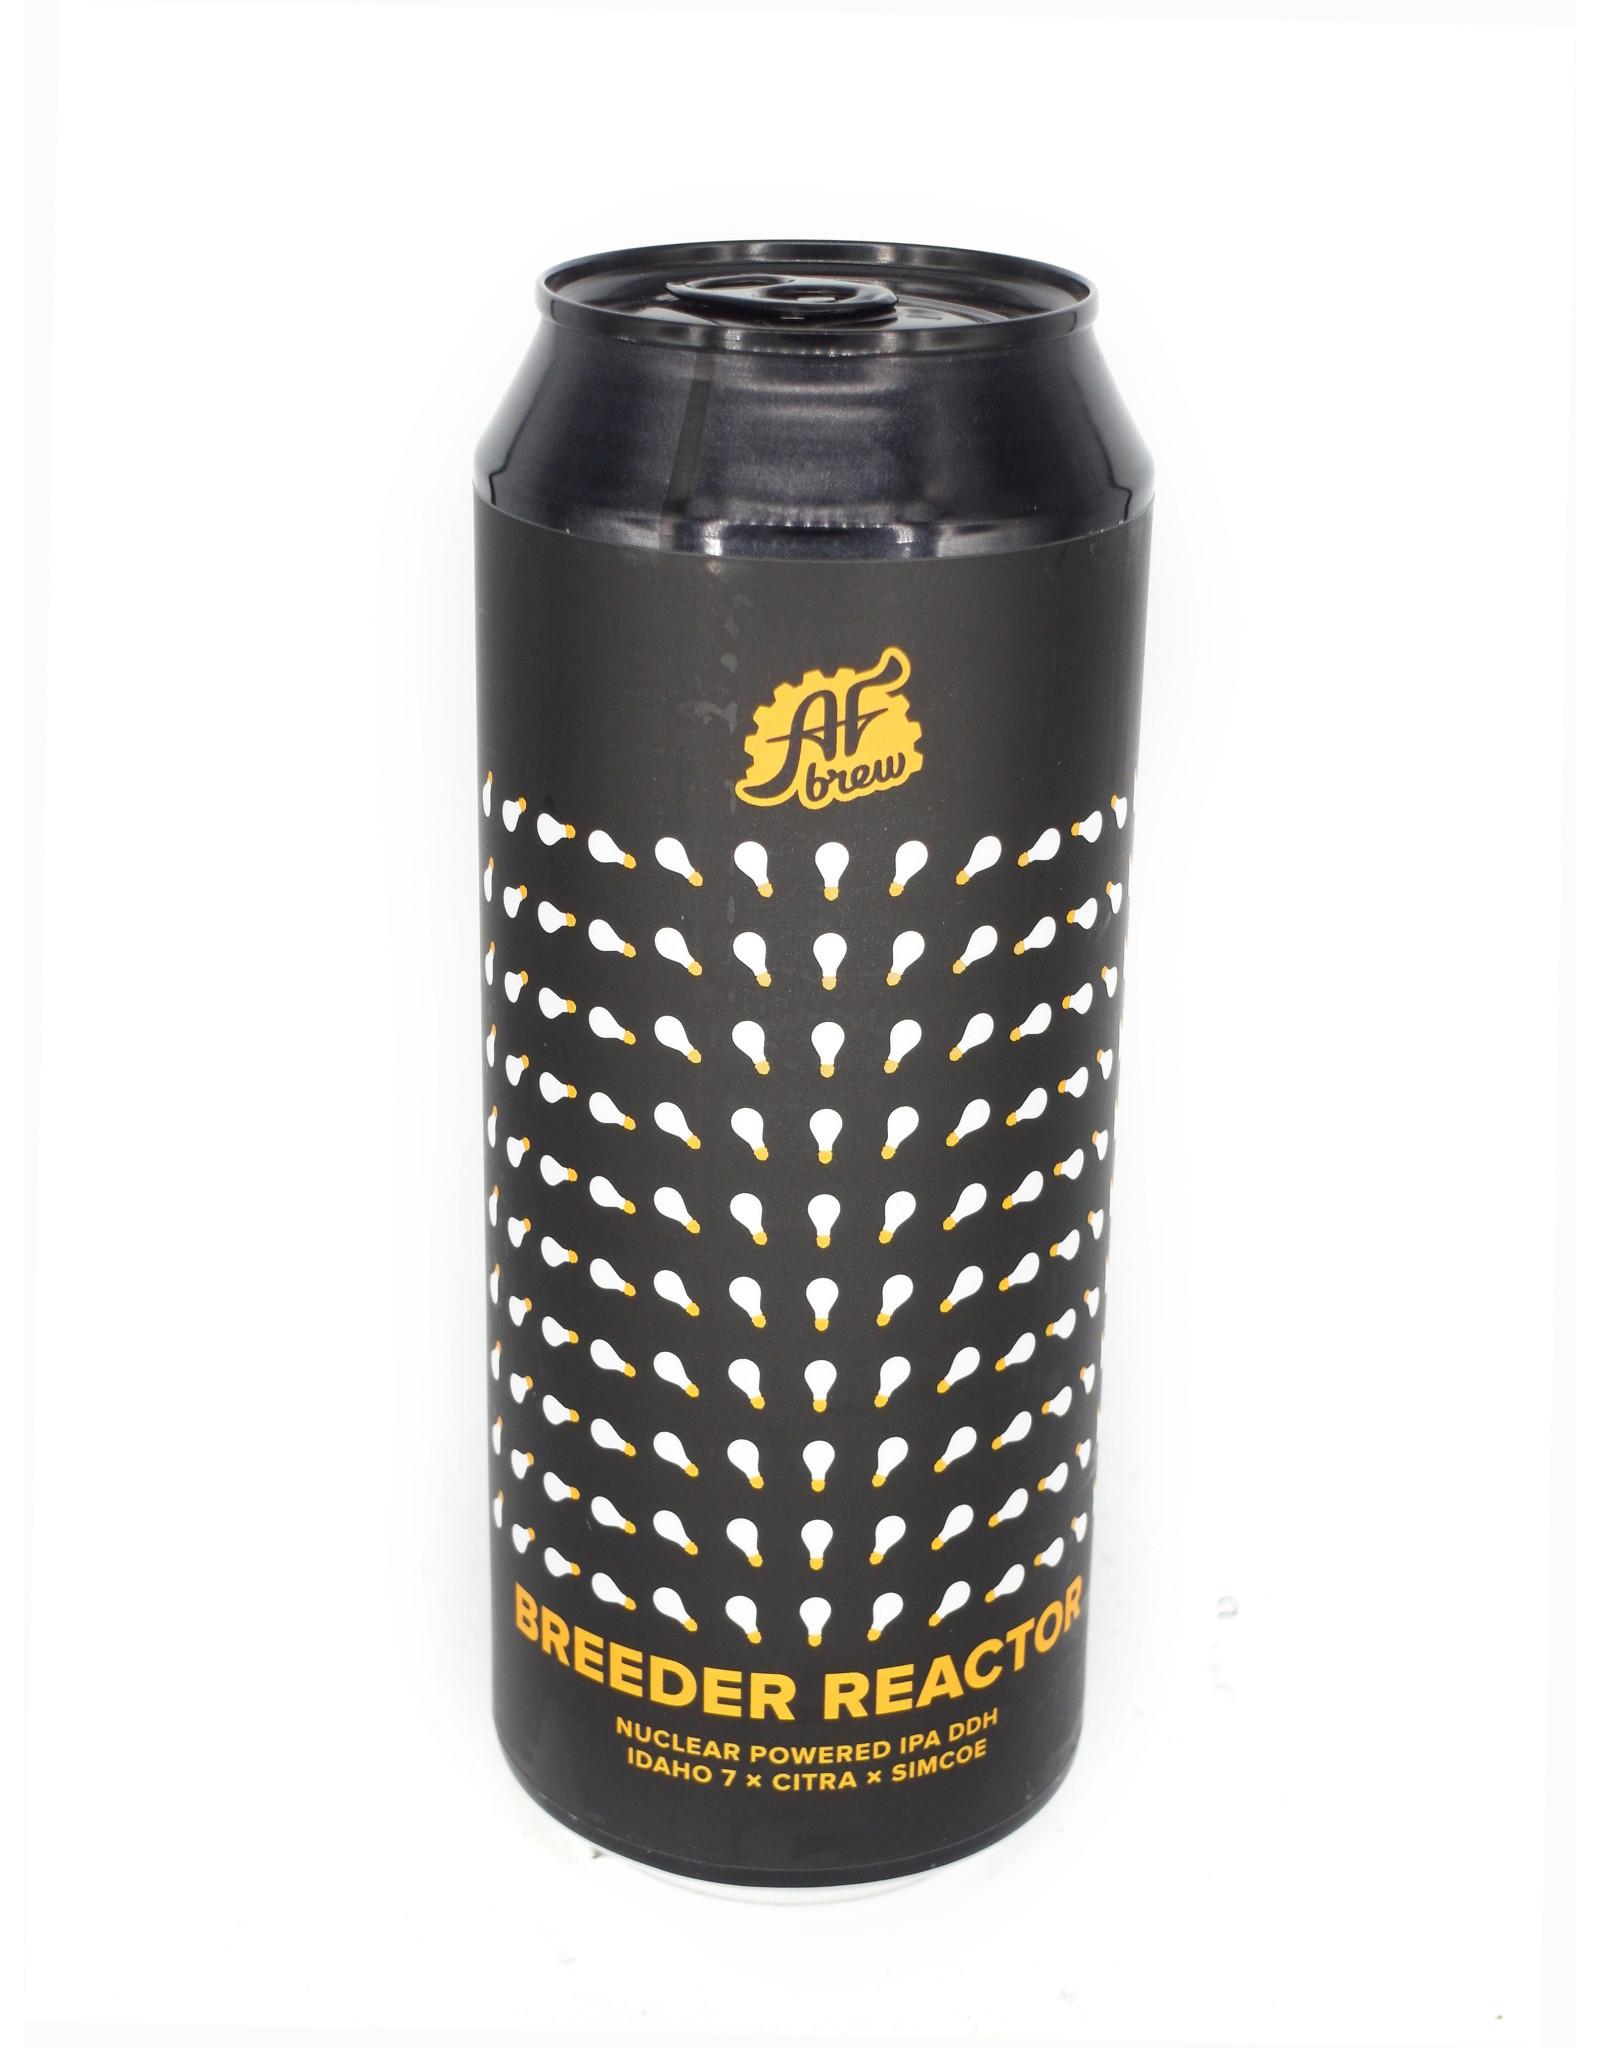 AFbrew: Breeder Reactor